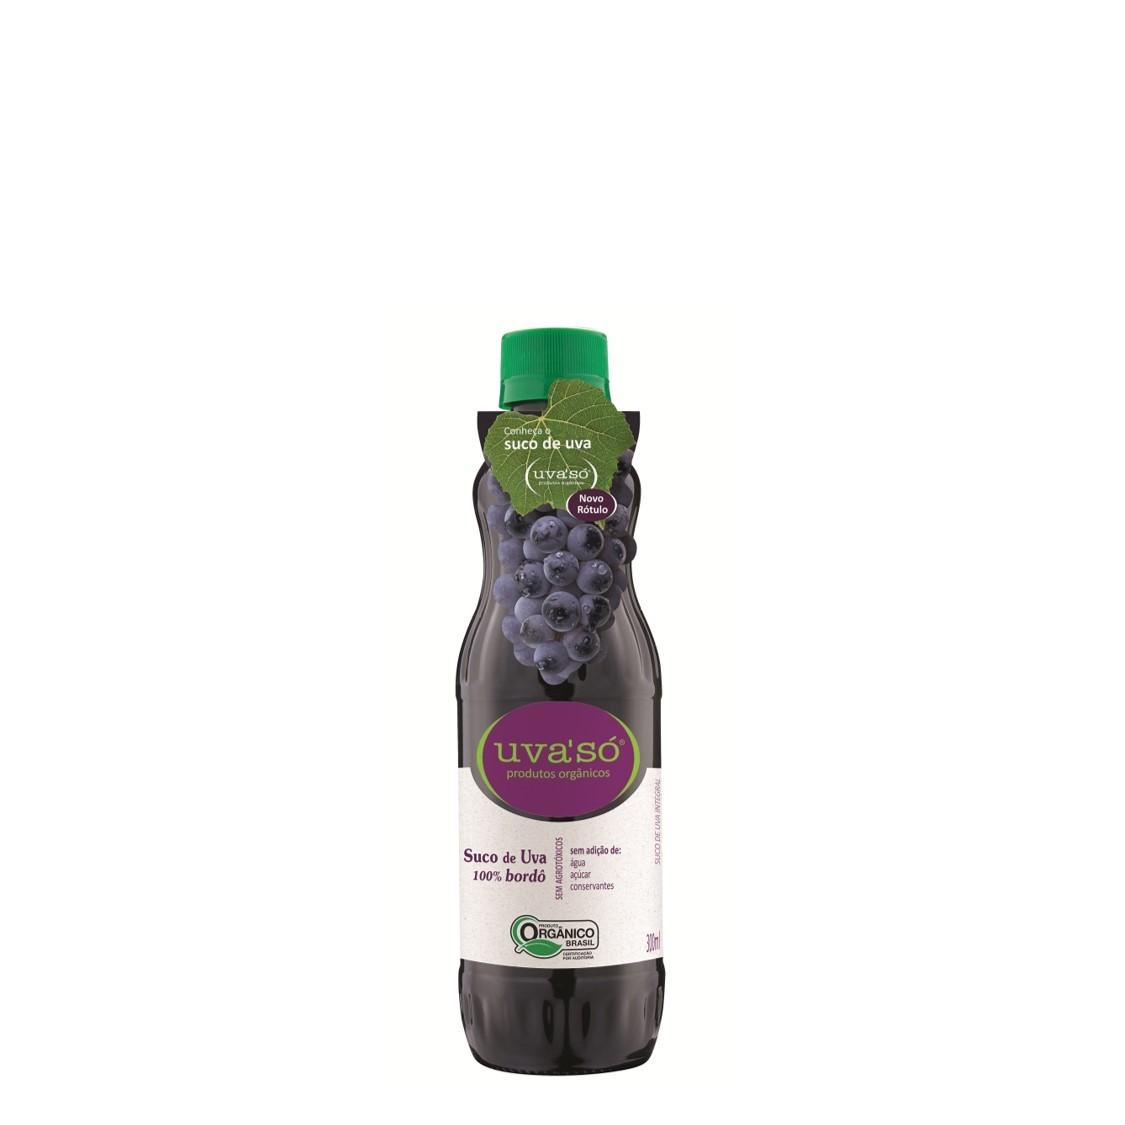 Suco de Uva Bordô (300ml) – Uva'só